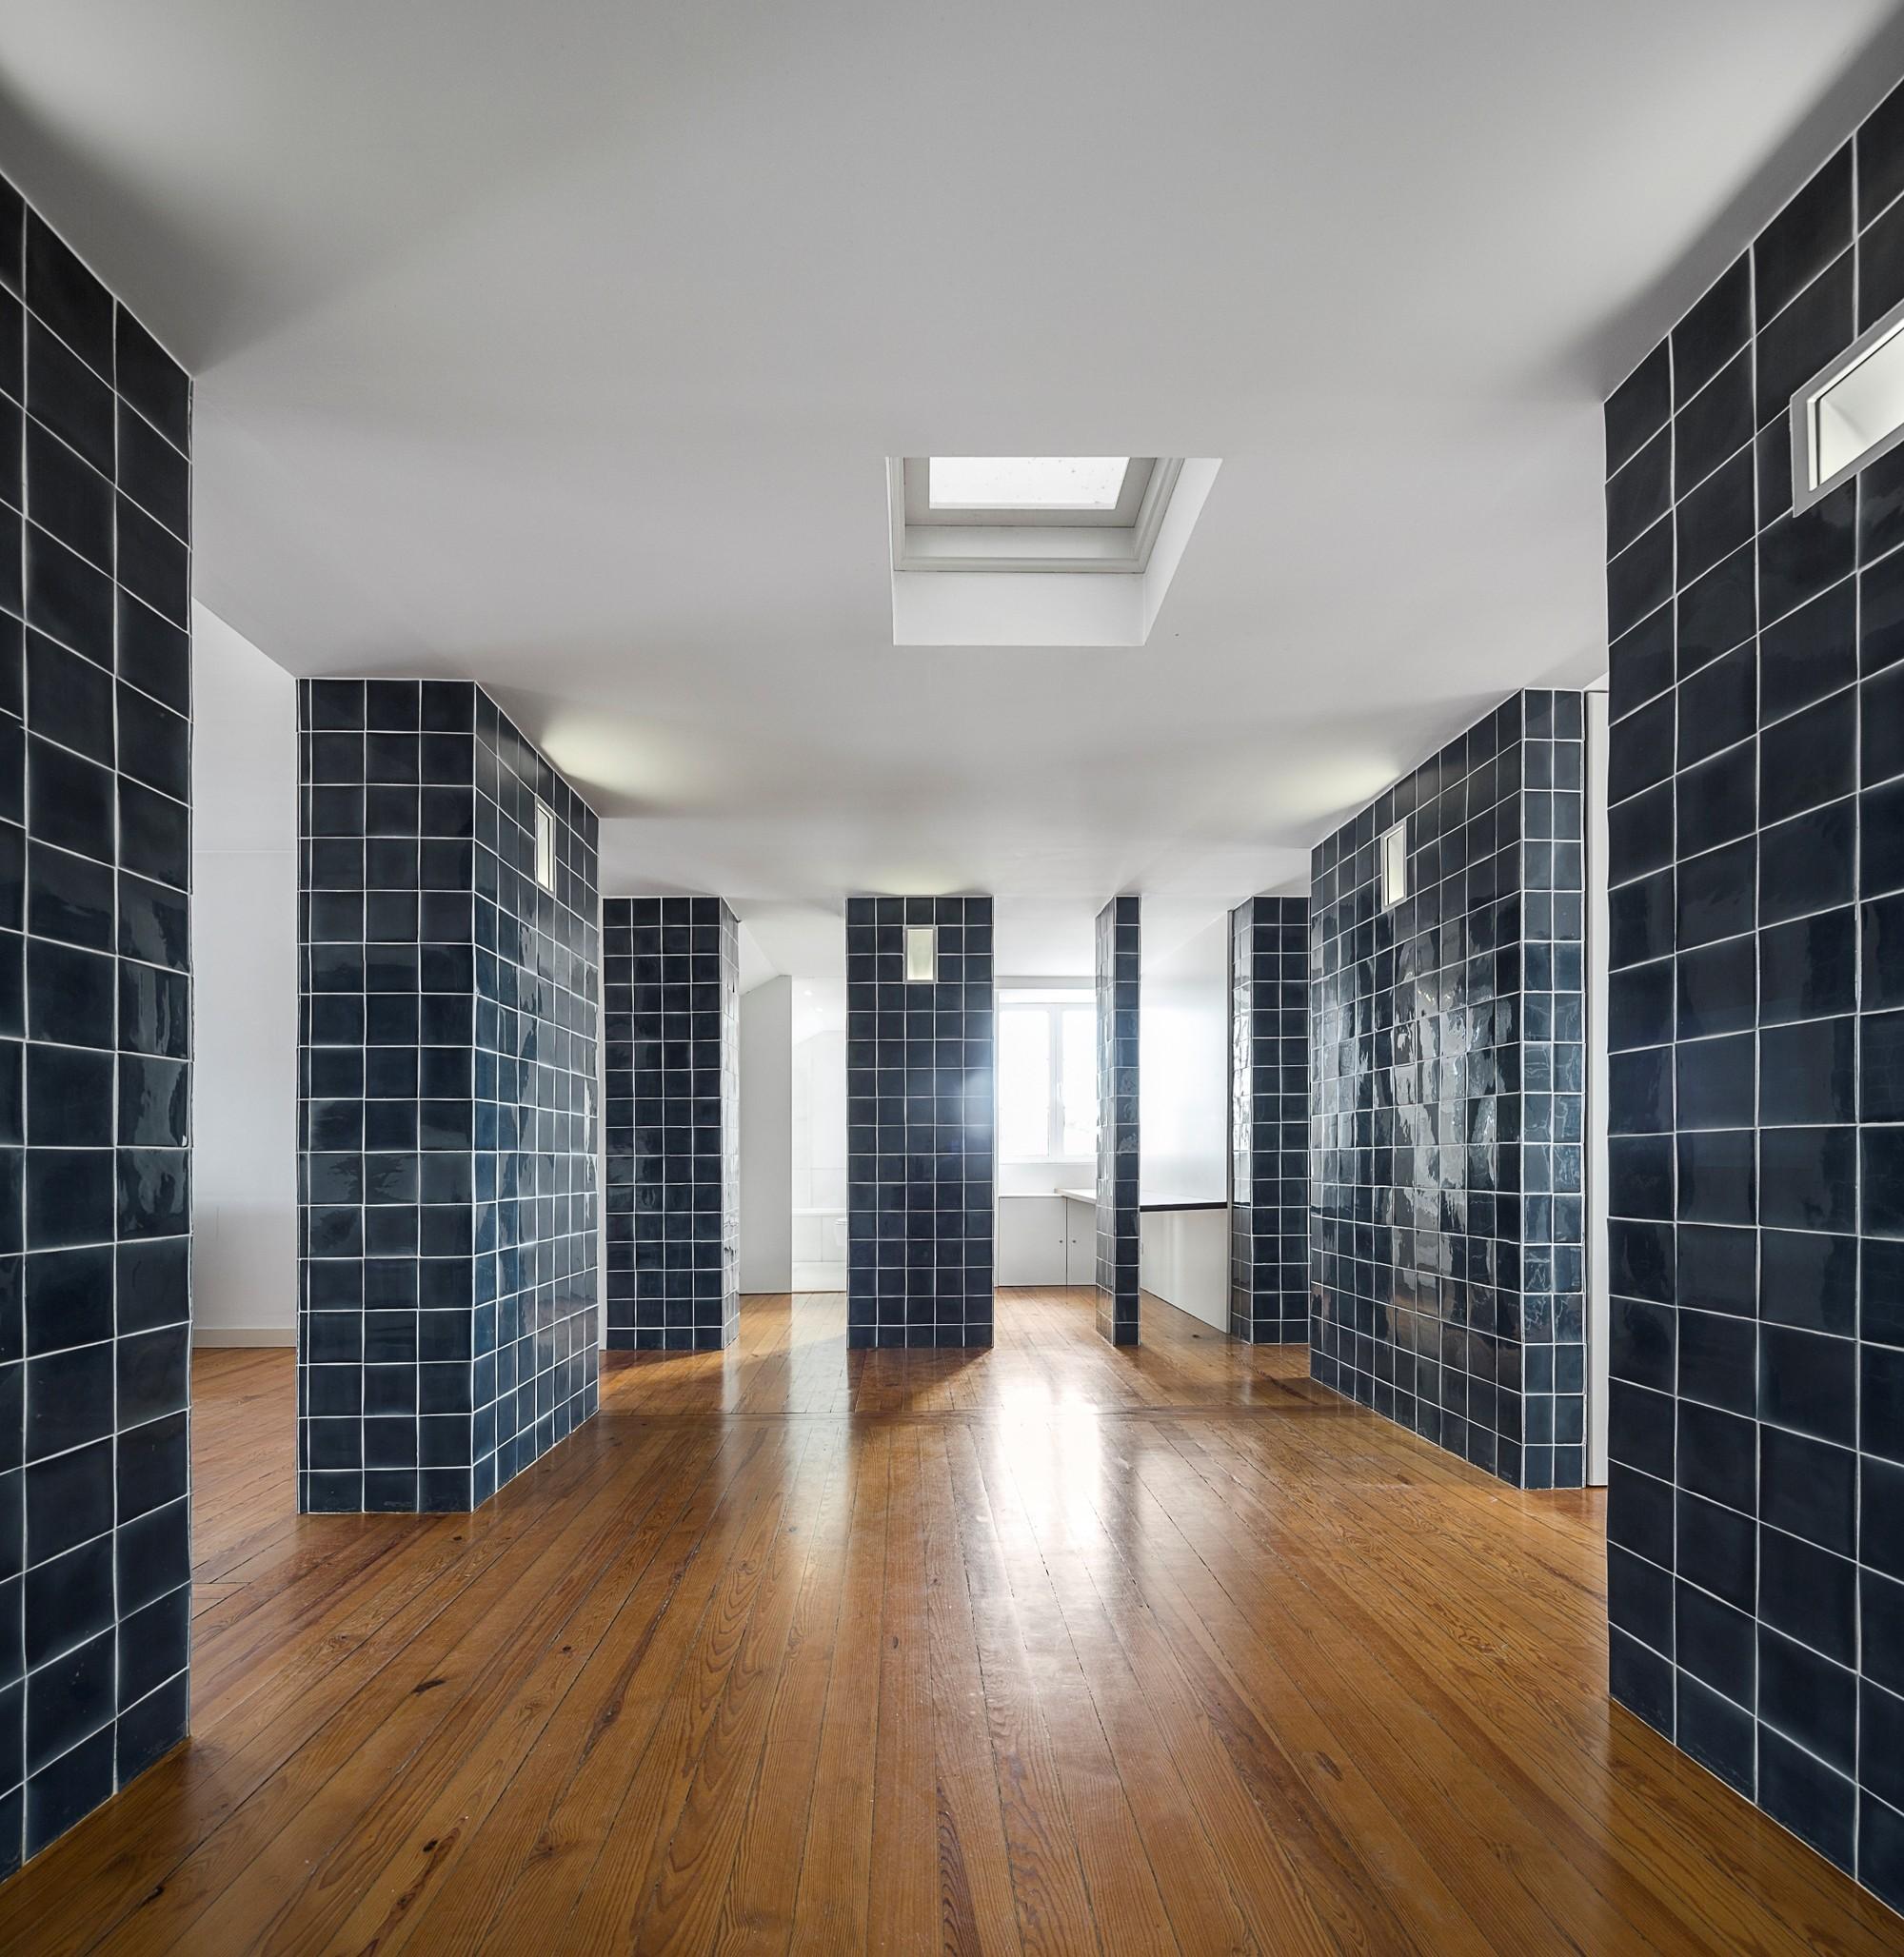 Apartamento JT / Tomás Azevedo Neves, Arquitetos, © Fernando Guerra | FG + SG